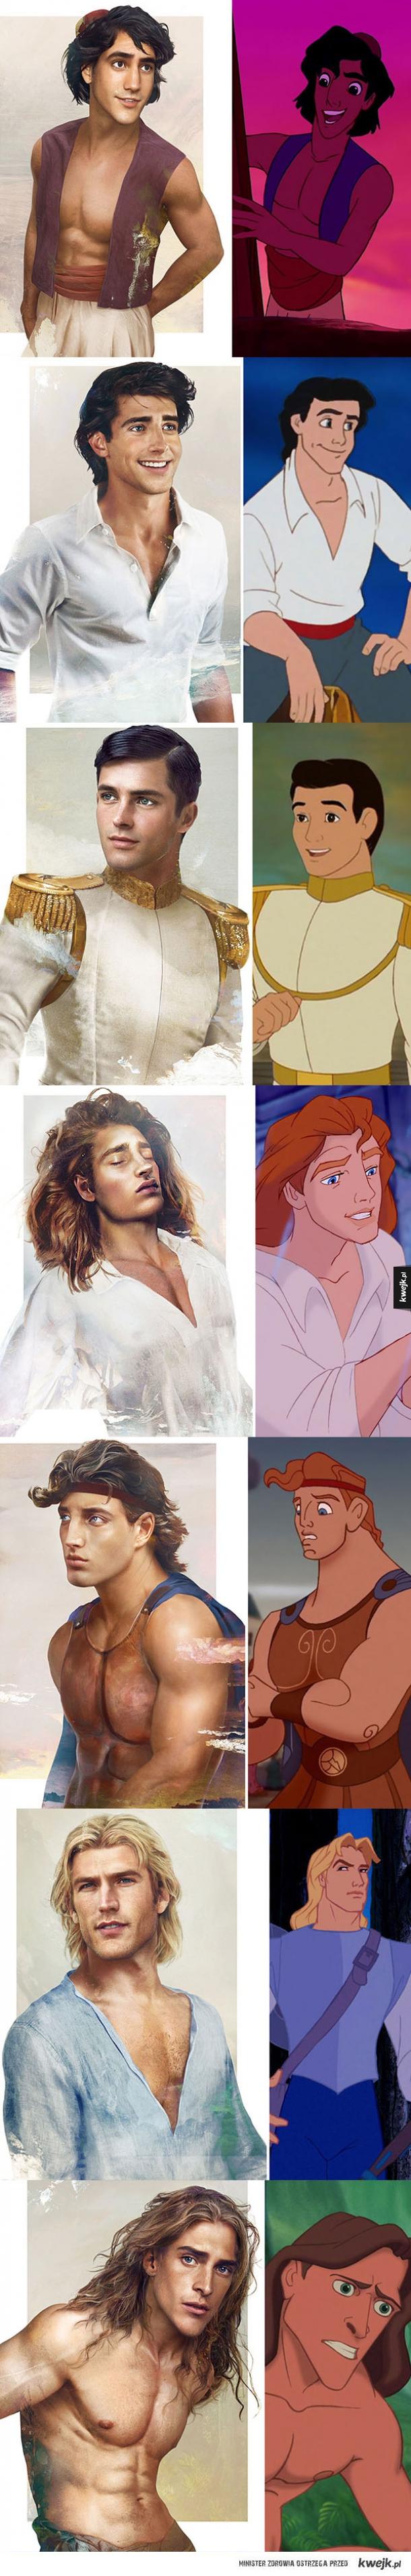 Panowie z bajek Disneya jak żywi